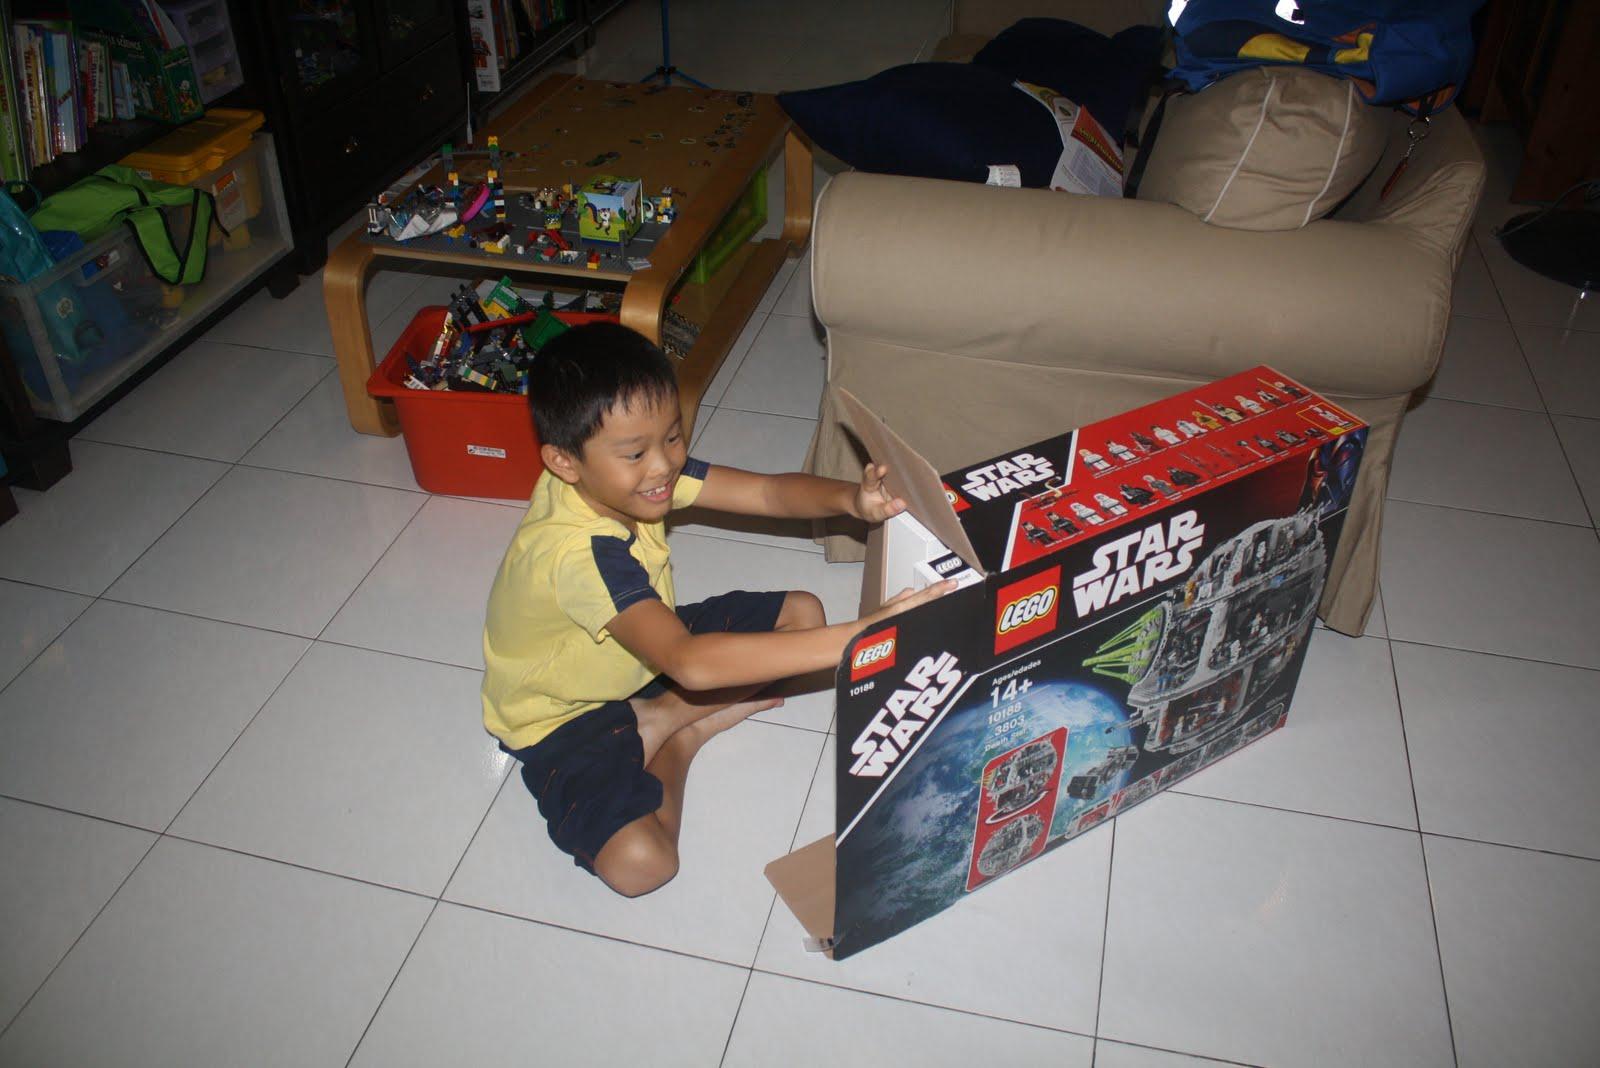 death star instructions lego